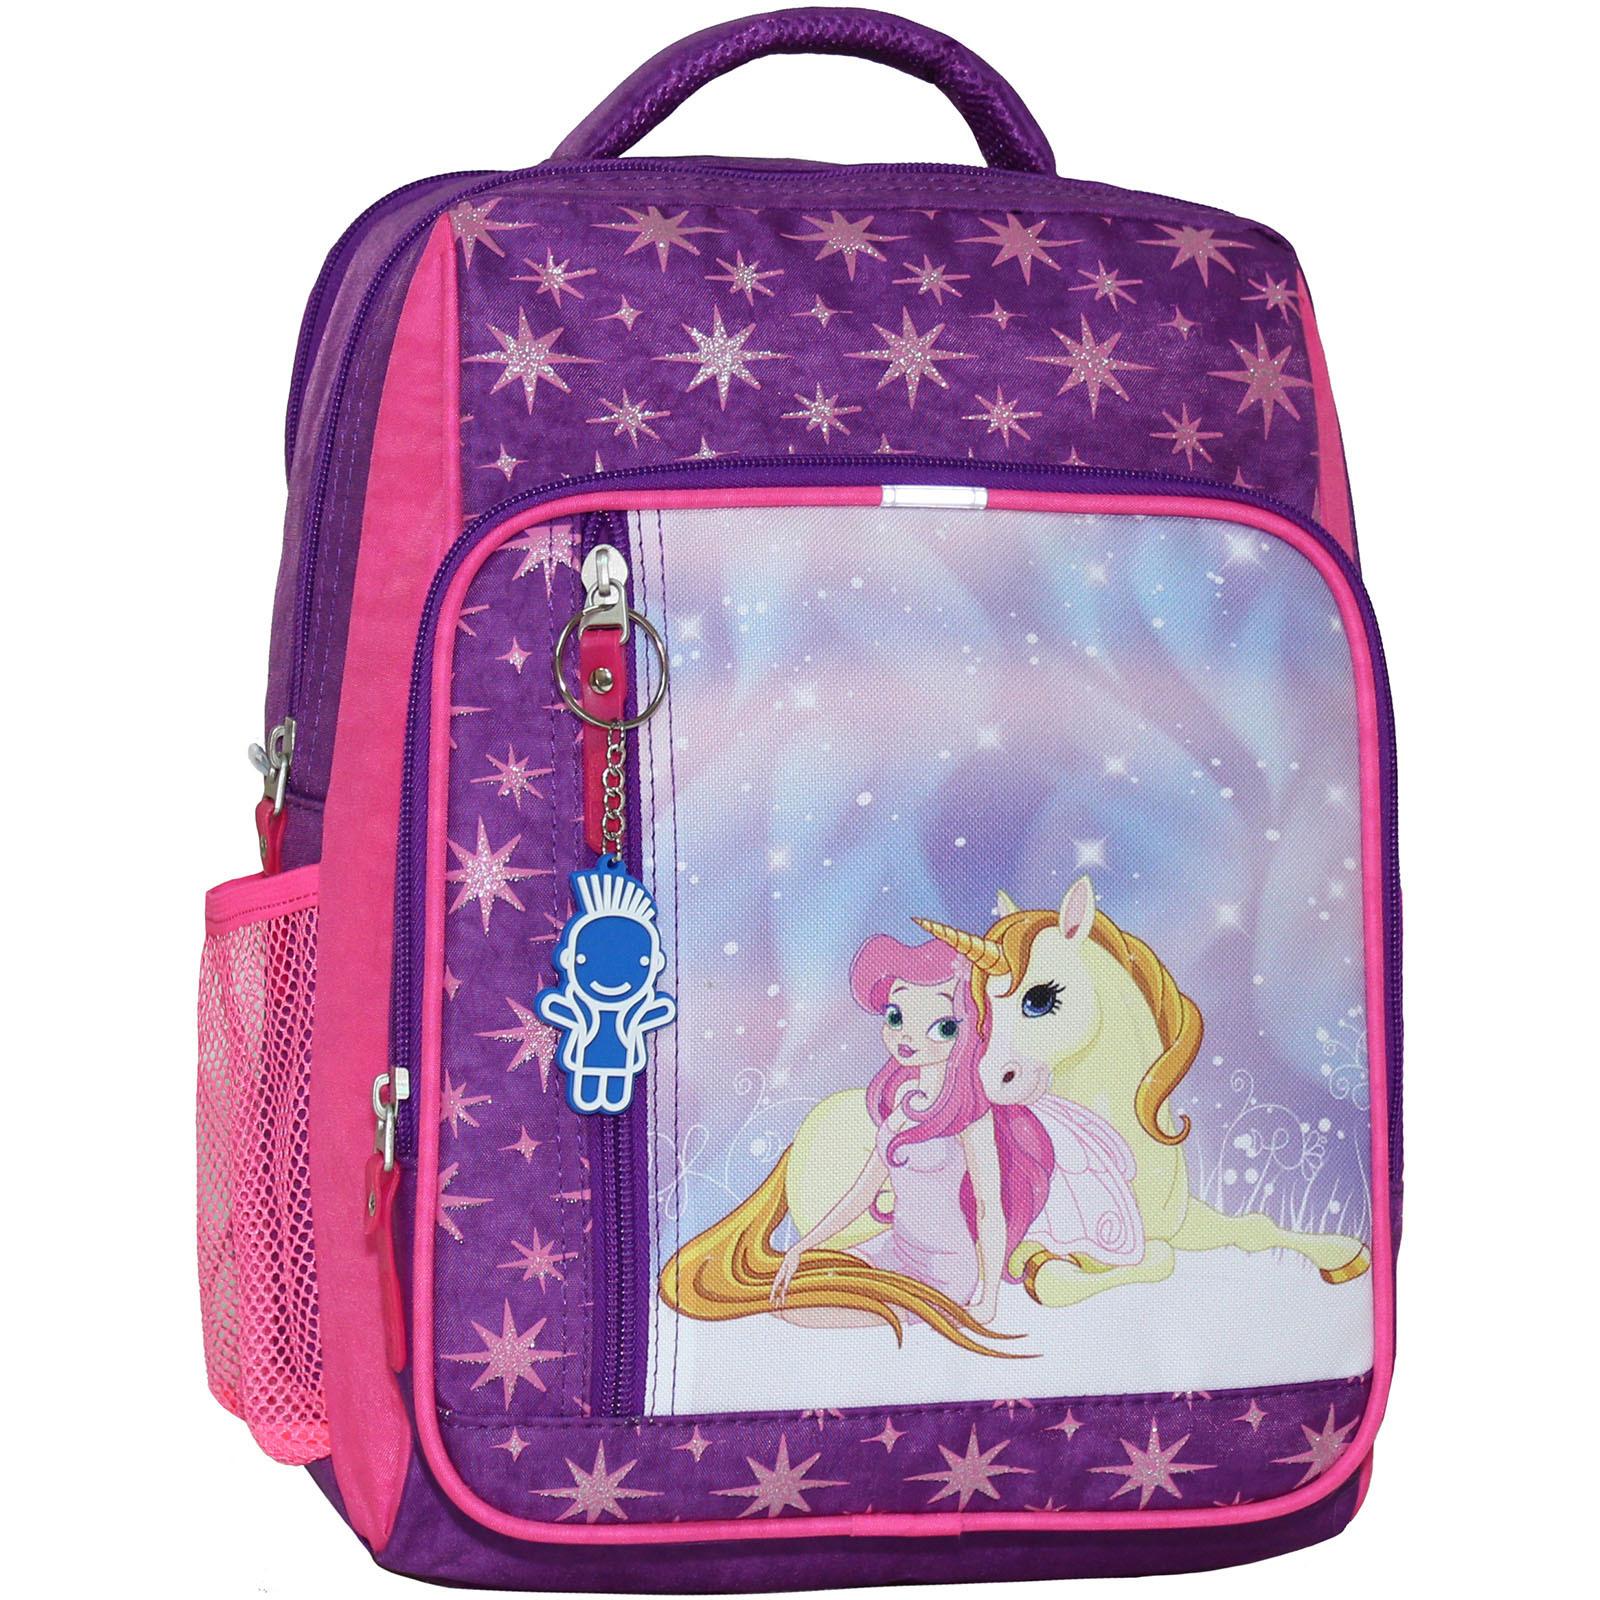 Школьные рюкзаки Рюкзак школьный Bagland Школьник 8 л. 339 фiолетовий 387 (00112702) IMG_5269_387_.JPG